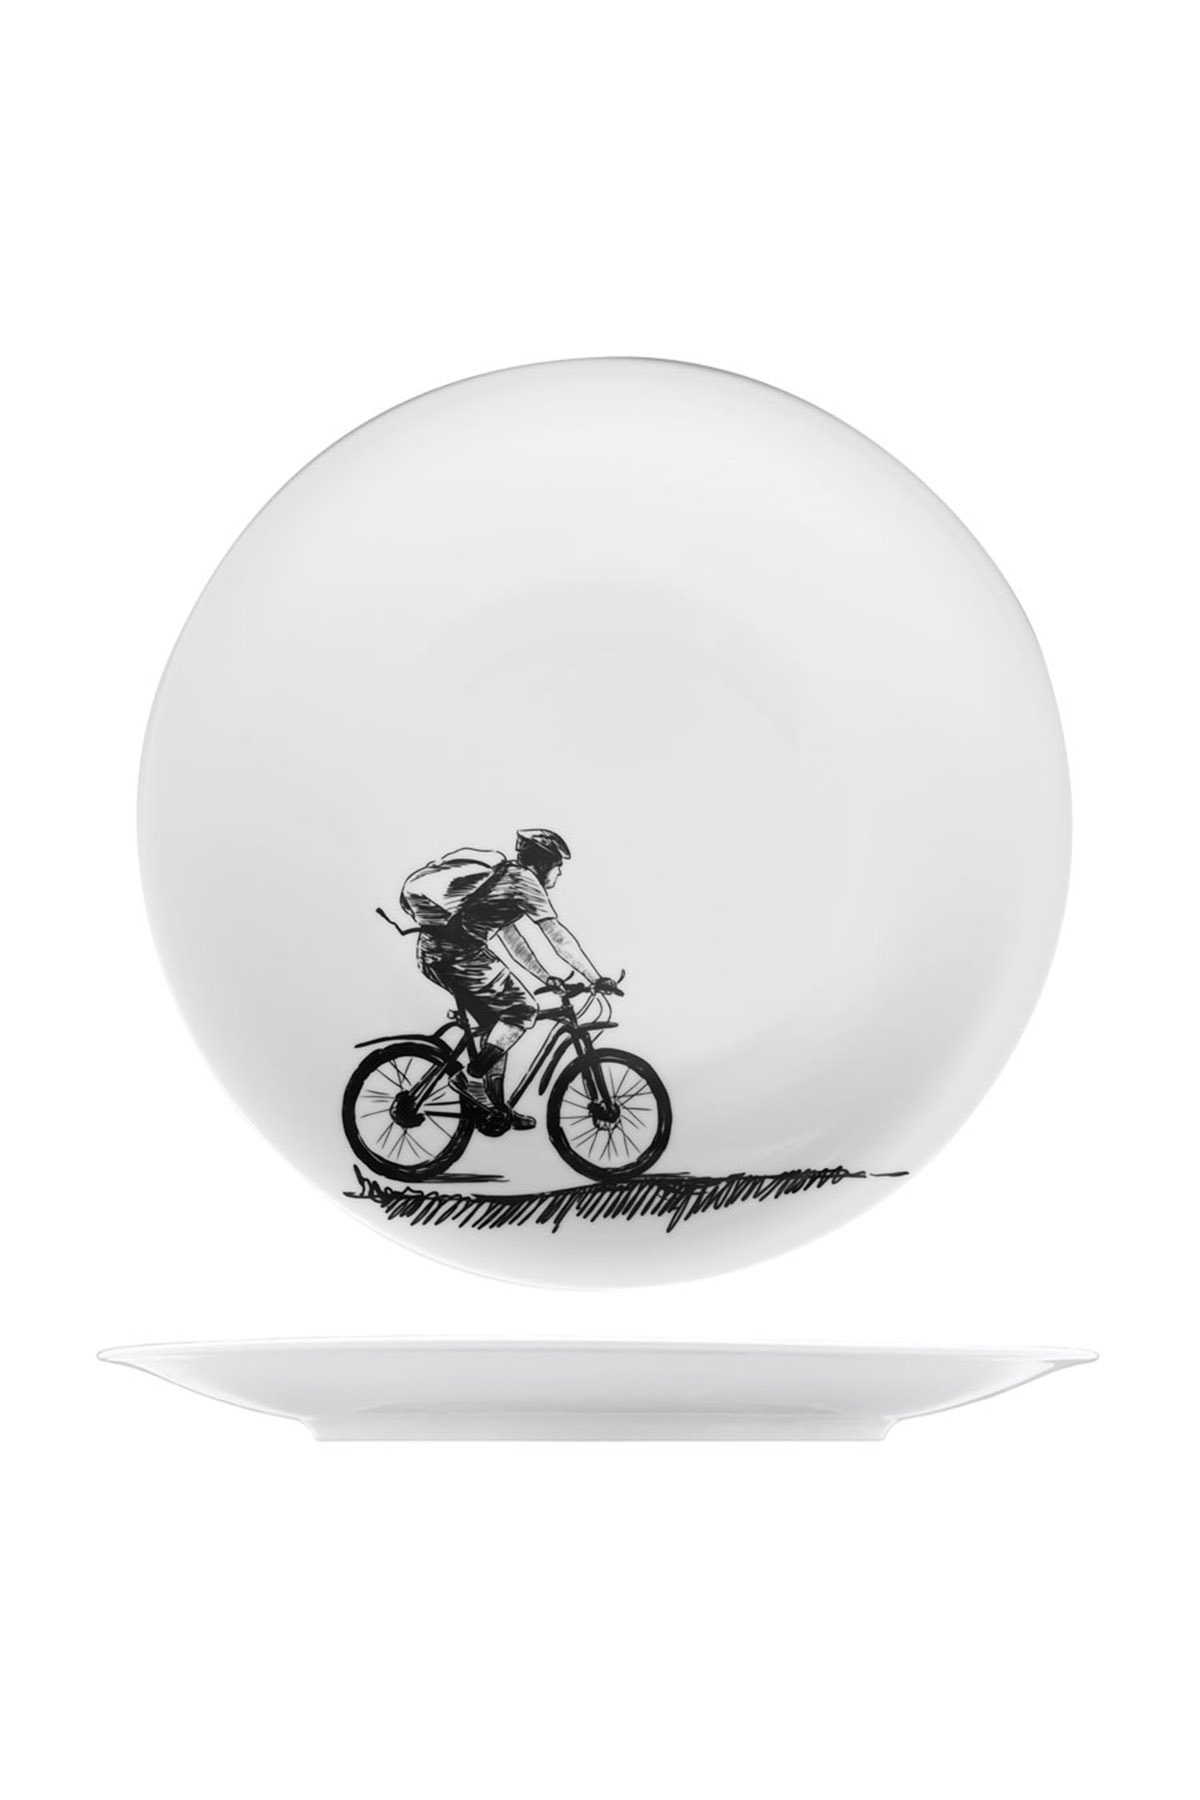 KÜTAHYA PORSELEN - Kütahya Porselen Centilmen Serisi Servis Tabağı Bisiklet